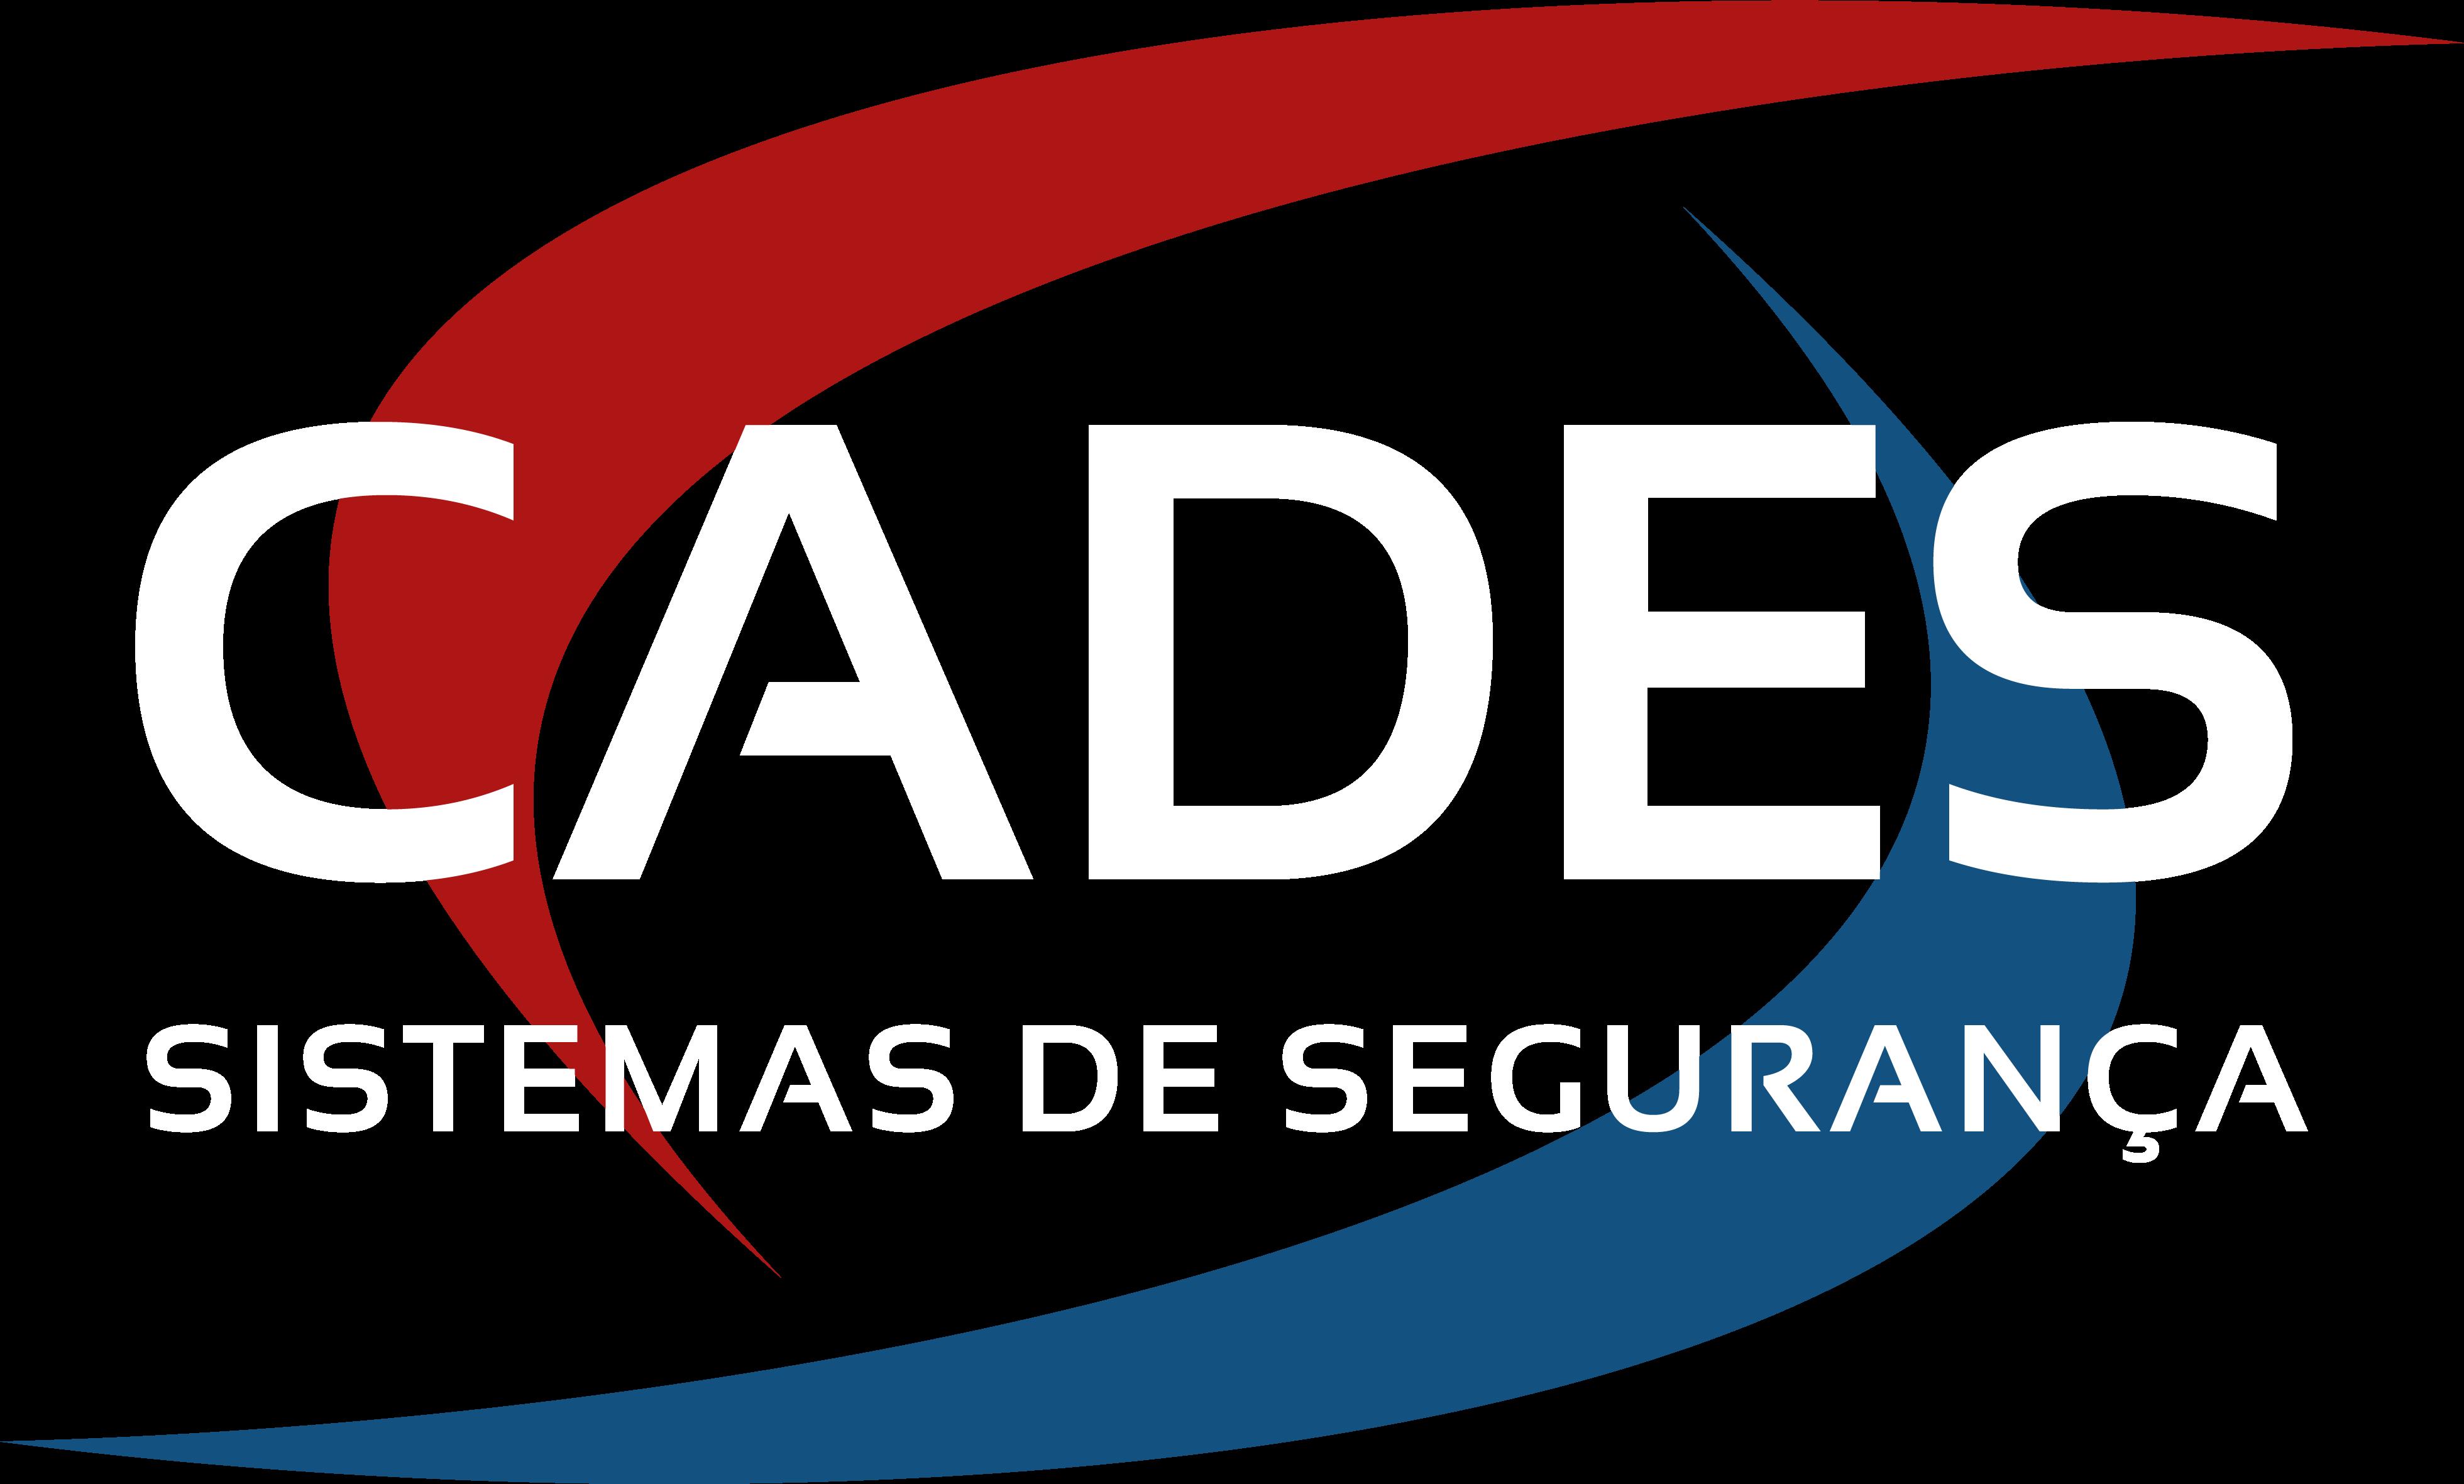 CADES SISTEMAS DE SEGURANÇA